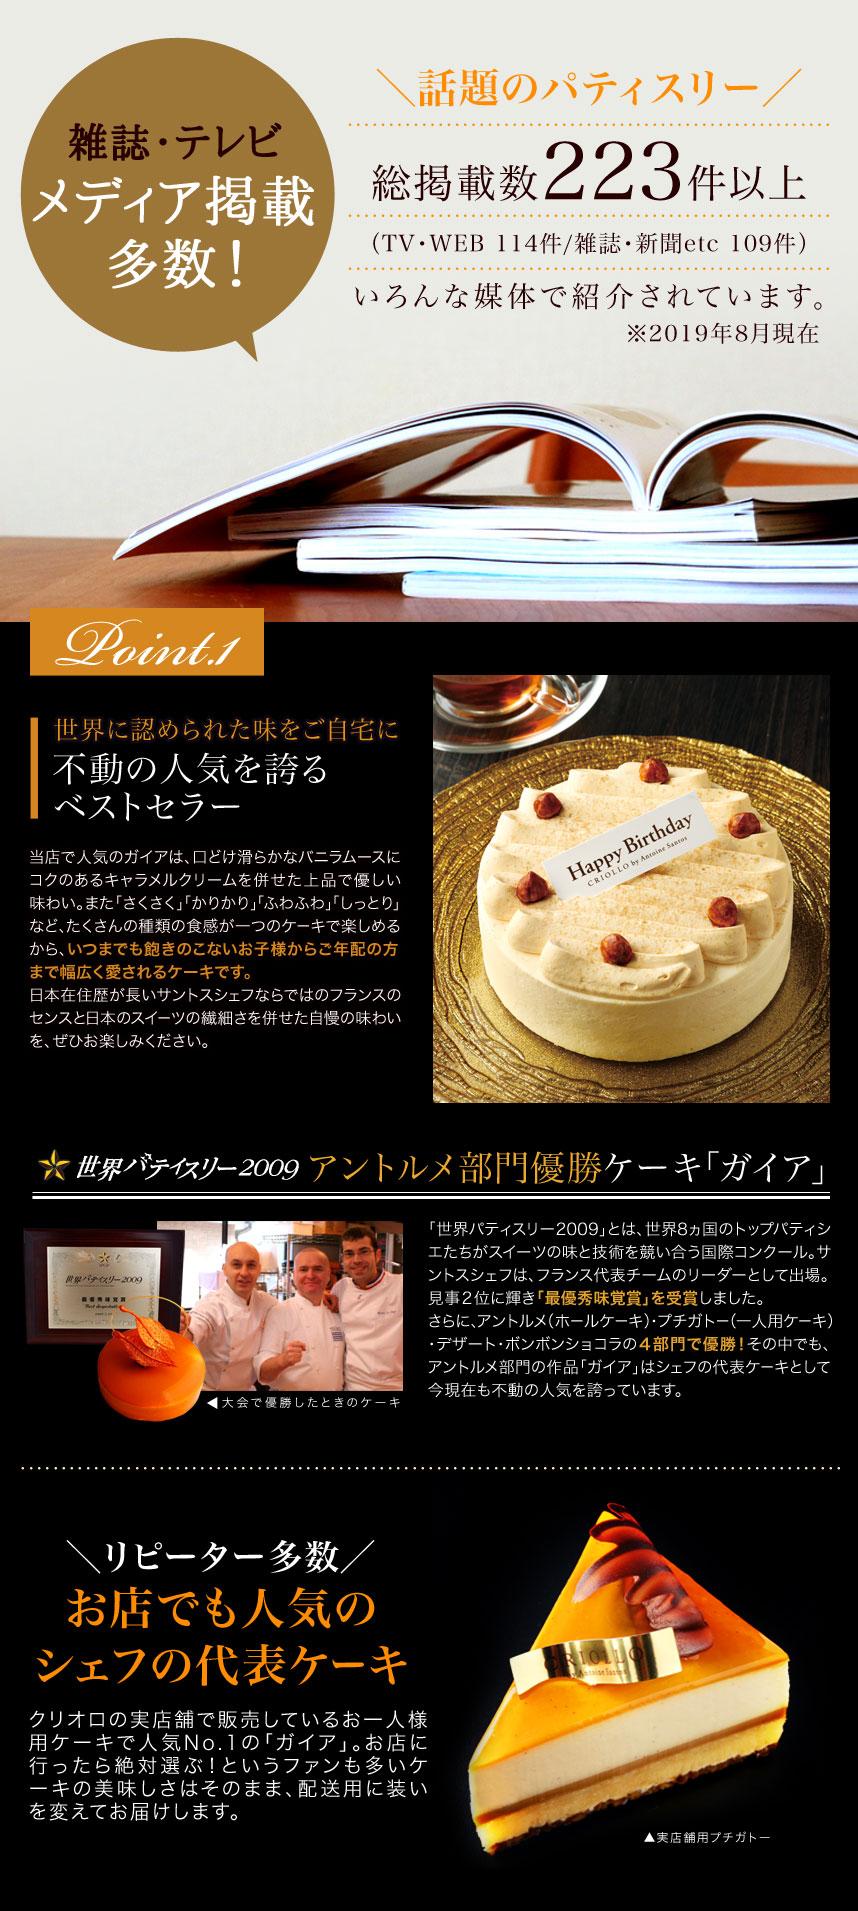 バニラとキャラメルのケーキ「ガイア」